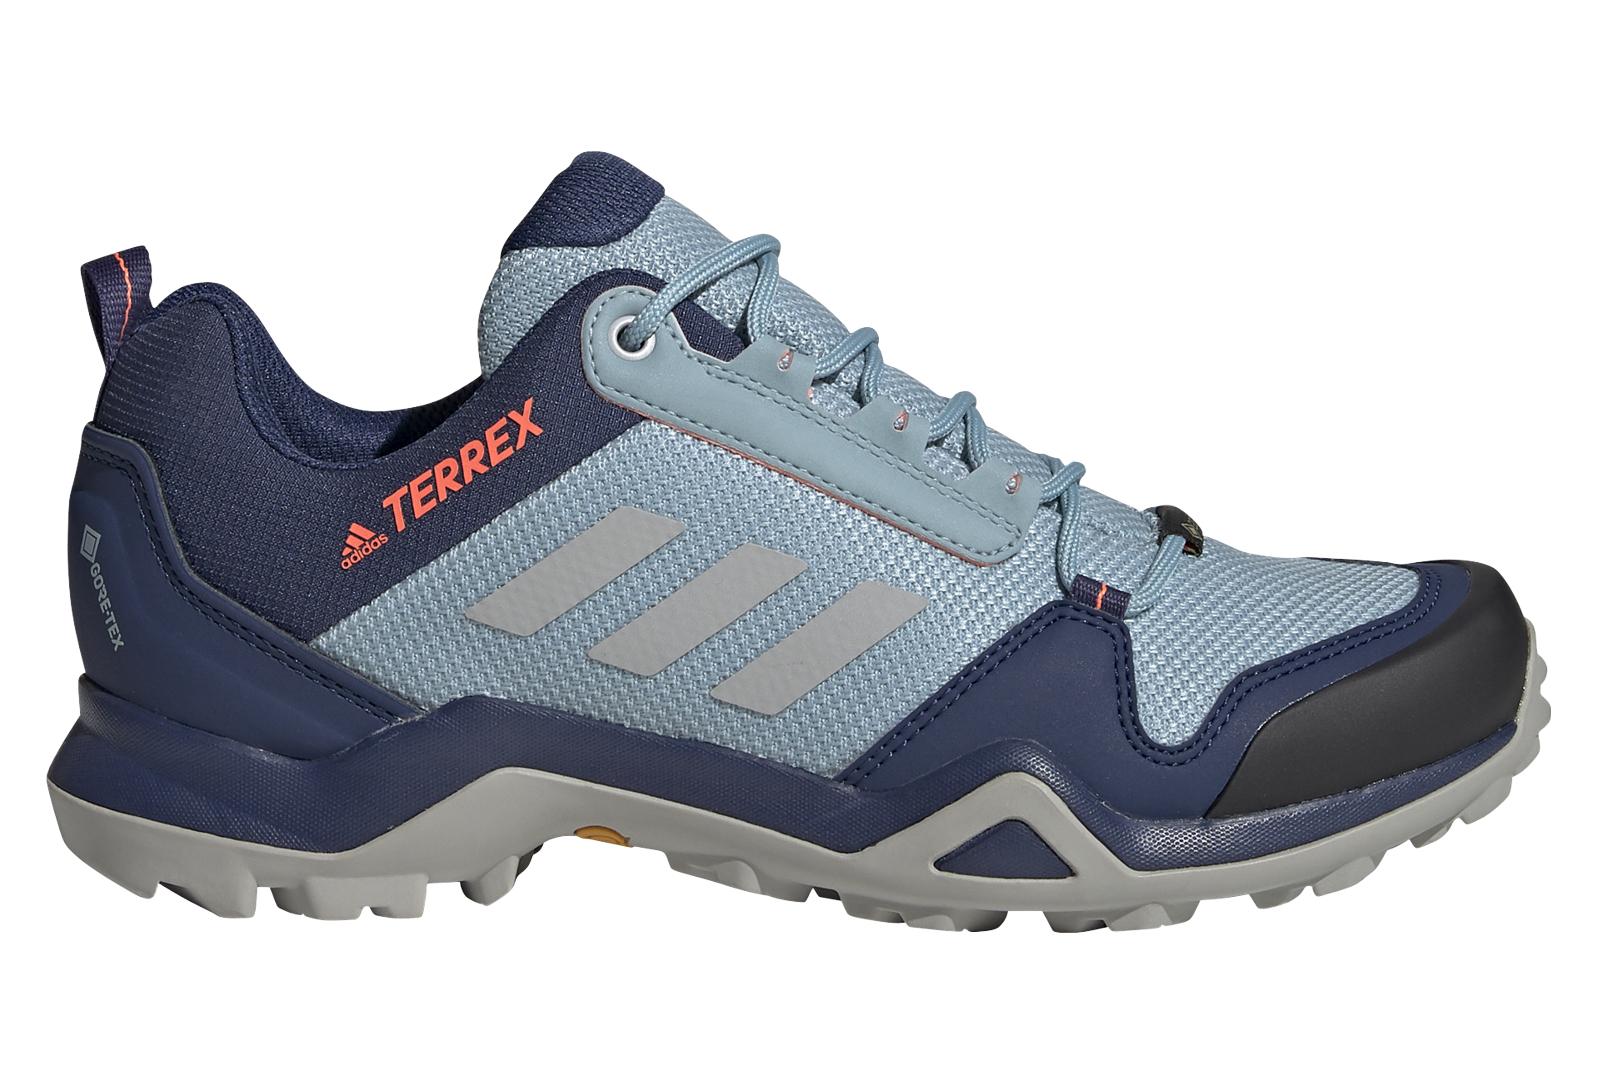 Chaussures femme adidas Terrex AX3 GTX